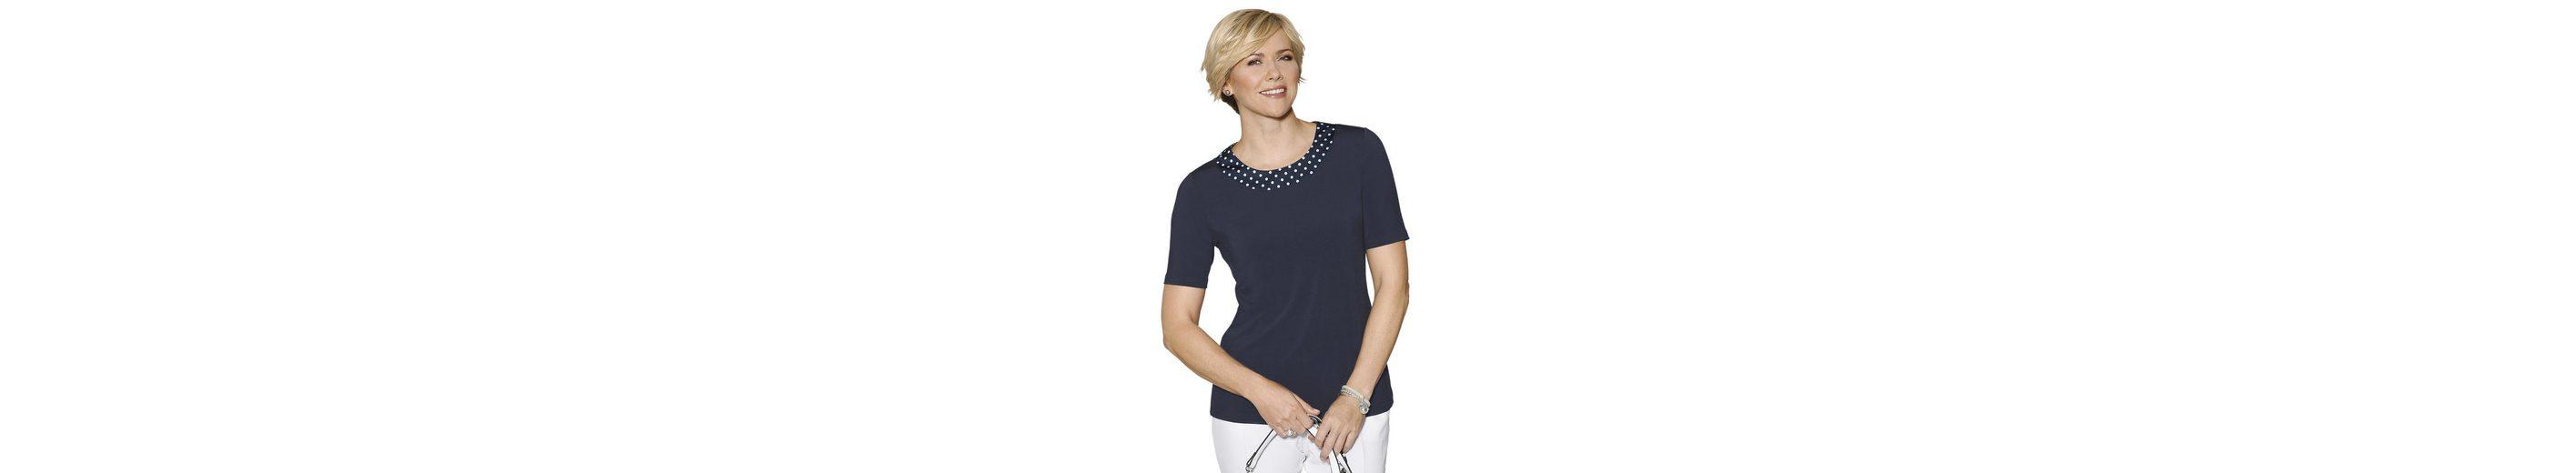 Classic Shirt mit großen Tupfen Spielraum Geringe Versandgebühr Günstig Kaufen Eastbay Günstig Kaufen Kauf Spielraum Billigsten S3XW5Le